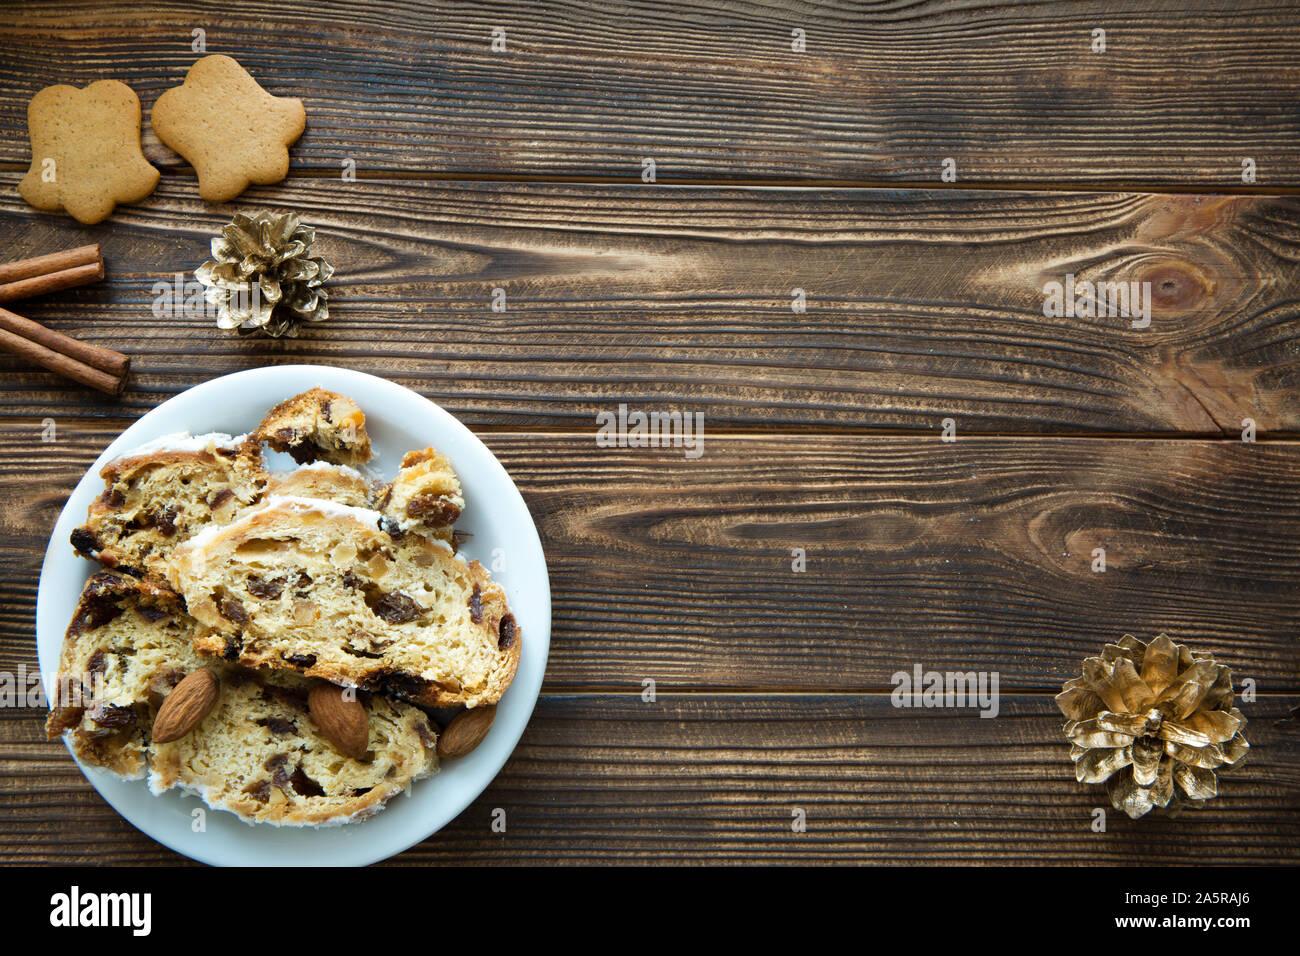 Pastel de Navidad y gingerbread cookies en tabla de madera marrón. Conos de oro y canela decoraciones. Espacio libre para el texto. Espacio para un saludo Foto de stock